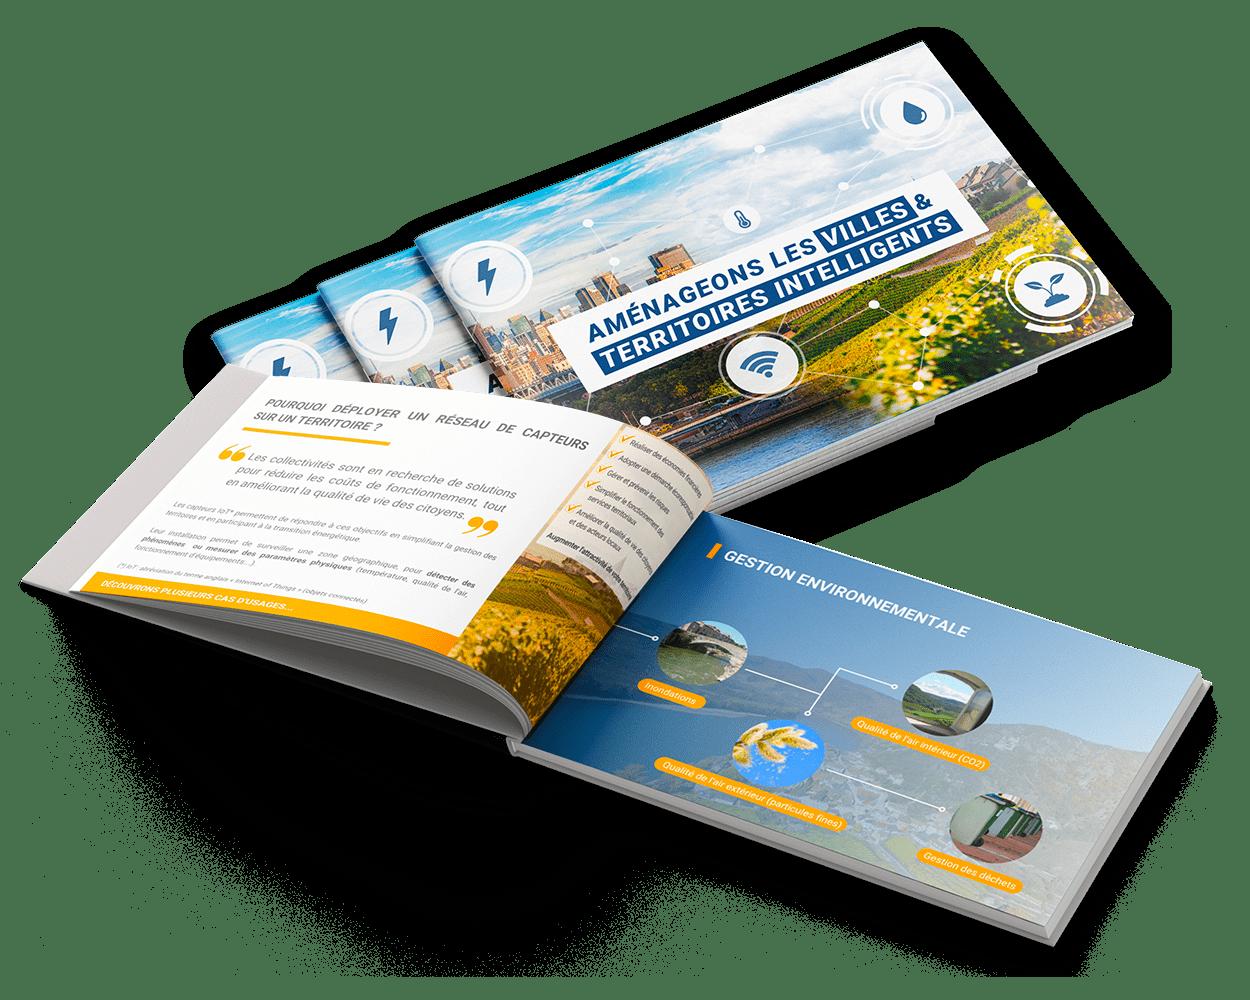 Villes et Territoires Intelligents_IoT_Brochure_TEKIN